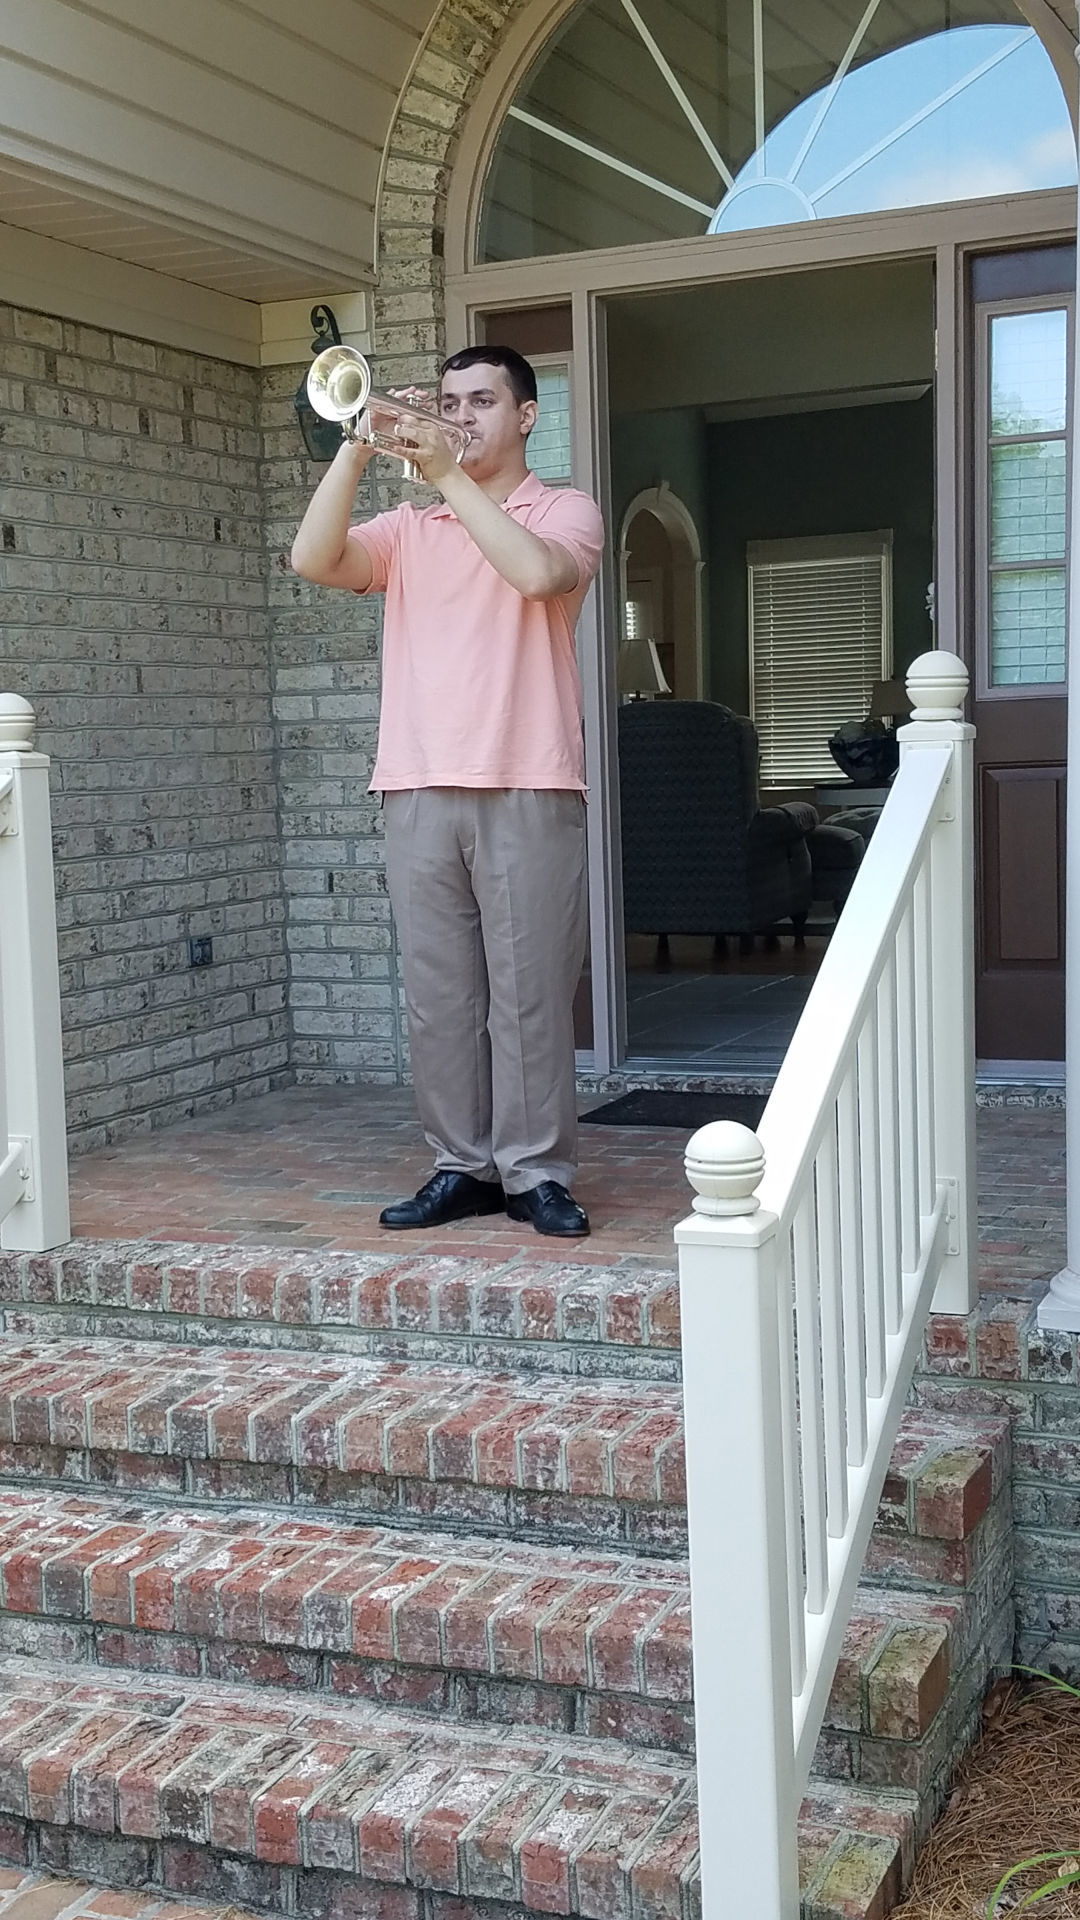 Playing taps